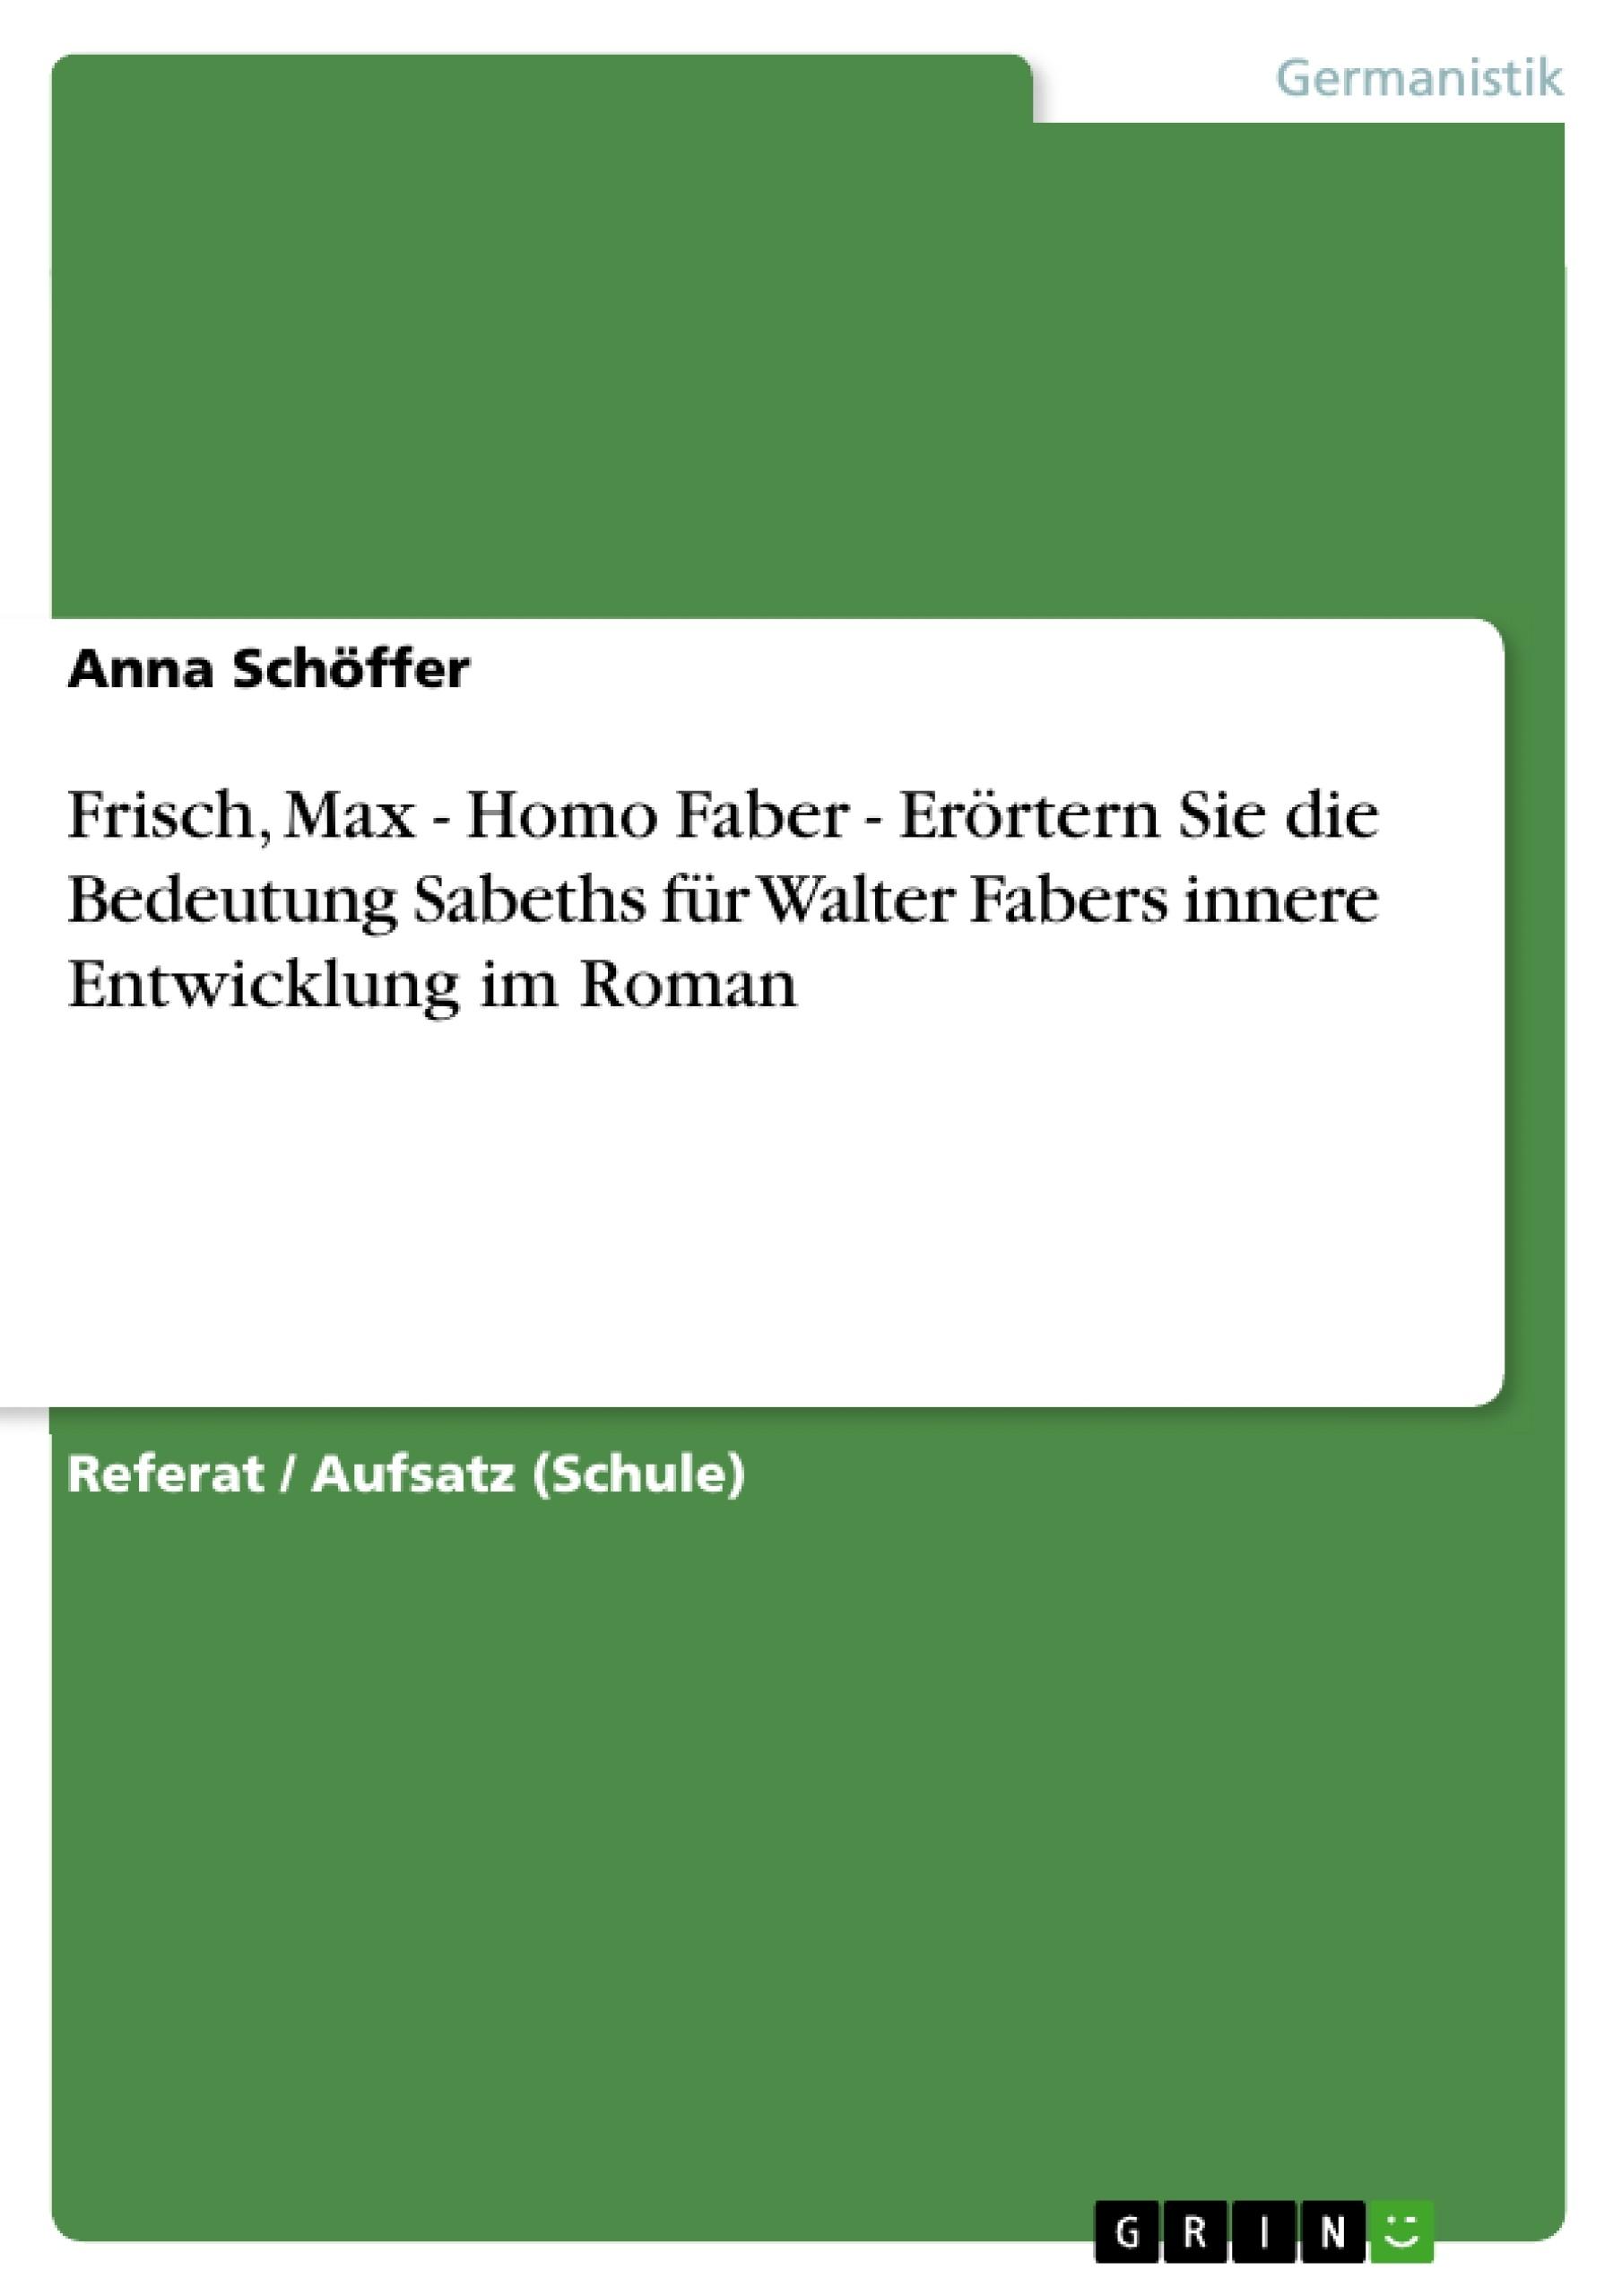 Titel: Frisch, Max - Homo Faber - Erörtern Sie die Bedeutung Sabeths für Walter Fabers innere Entwicklung im Roman